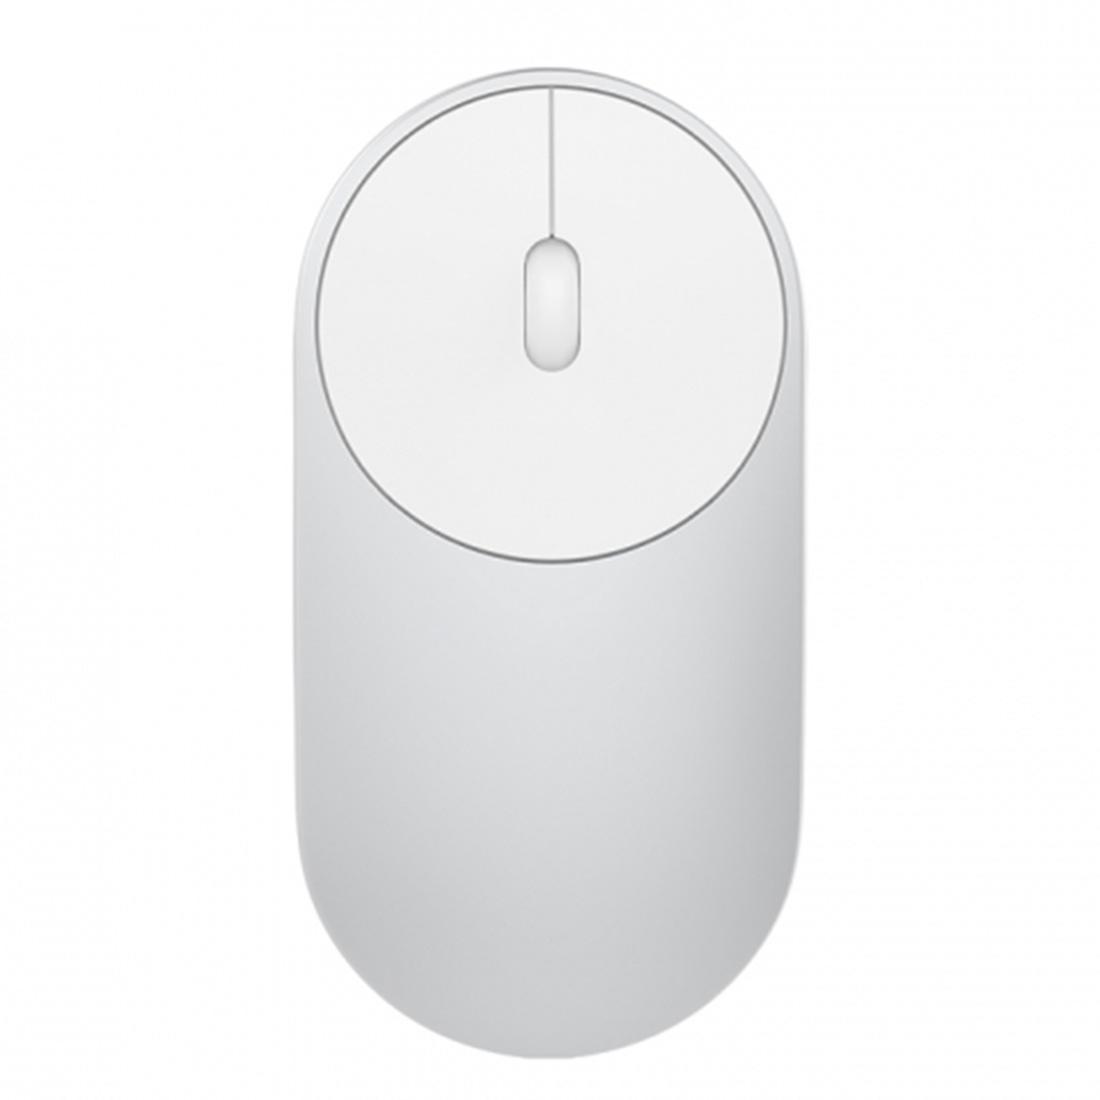 الأصلي XIAOMI المحمولة 2.4GHZ لدقيقة بلوتوث اللاسلكية 4.0 الفأر مع 2 XIAOMI ZMI القلوية AAA بطارية للكمبيوتر / PC / كمبيوتر محمول